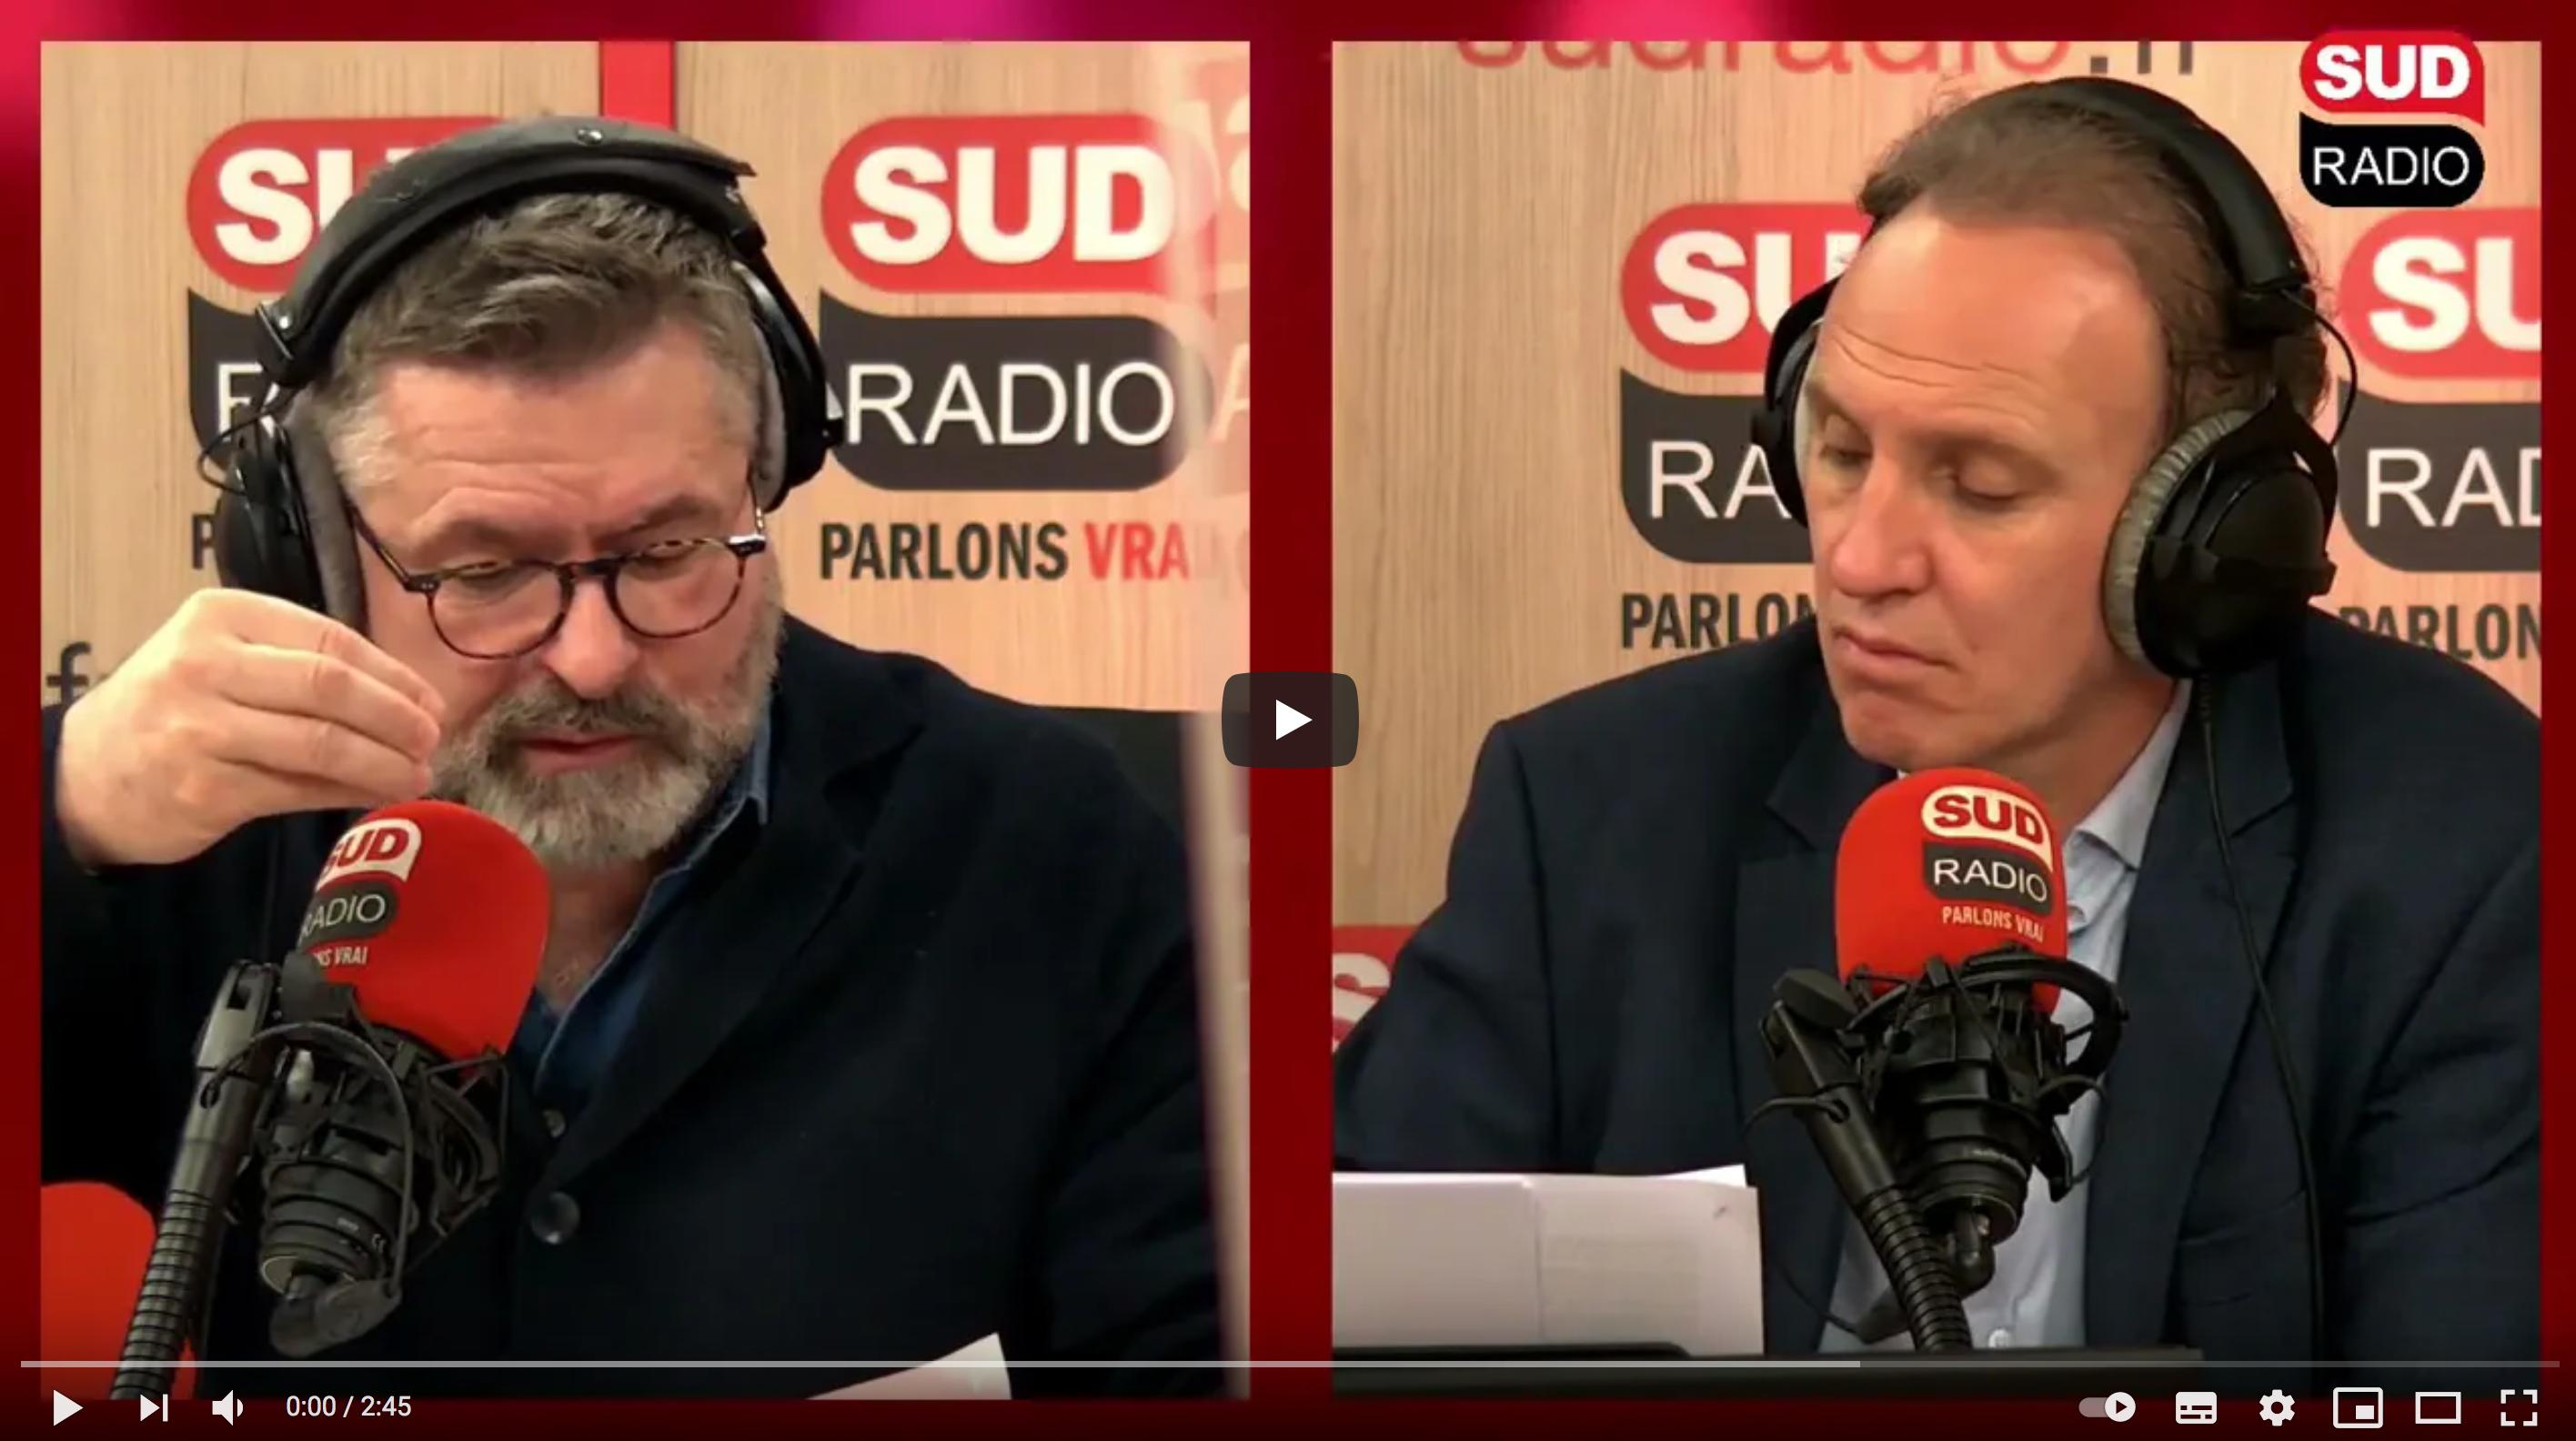 """Thierry Guerrier : """"Macron n'ose pas redire qu'une part du terrorisme peut être liée à l'immigration"""" (VIDÉO)"""